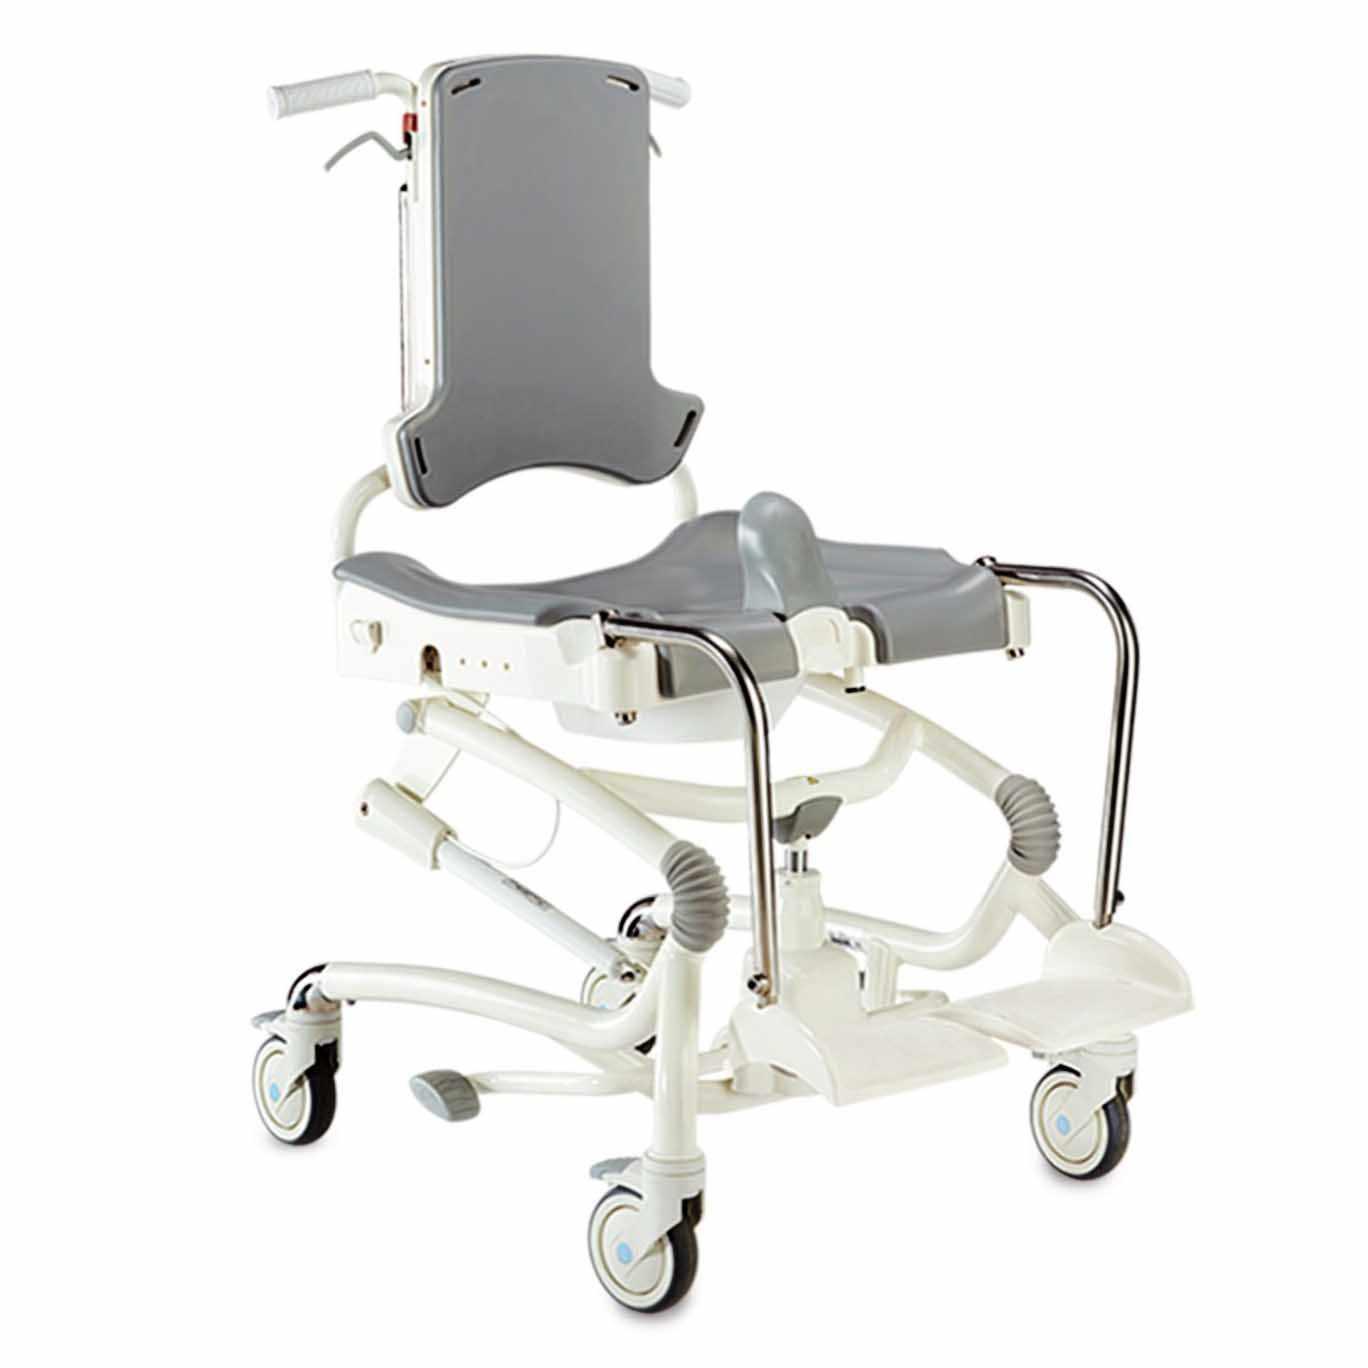 R82 Heron toilet bath chair